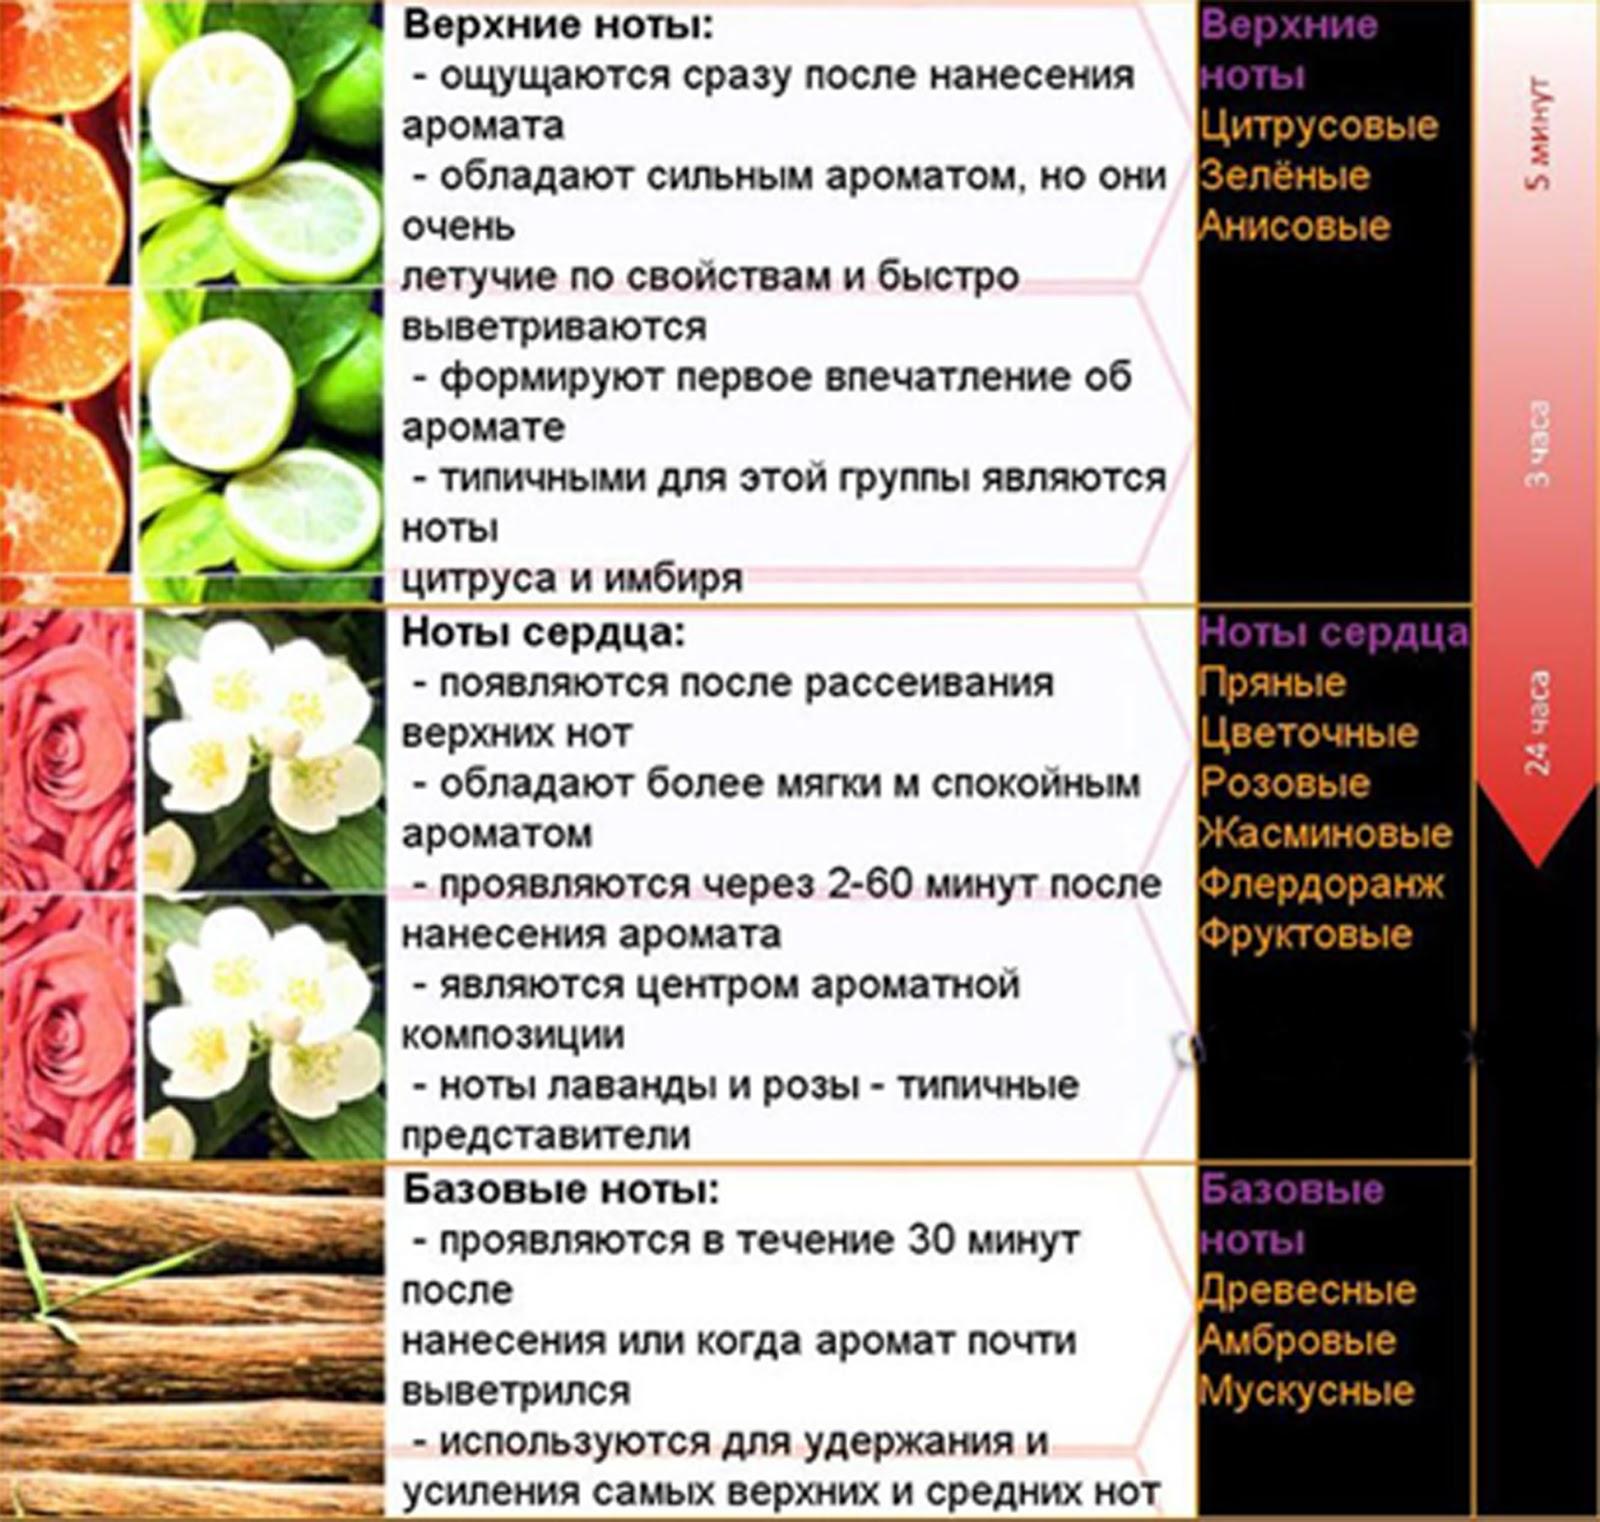 Составление духов из эфирных масел рецепты